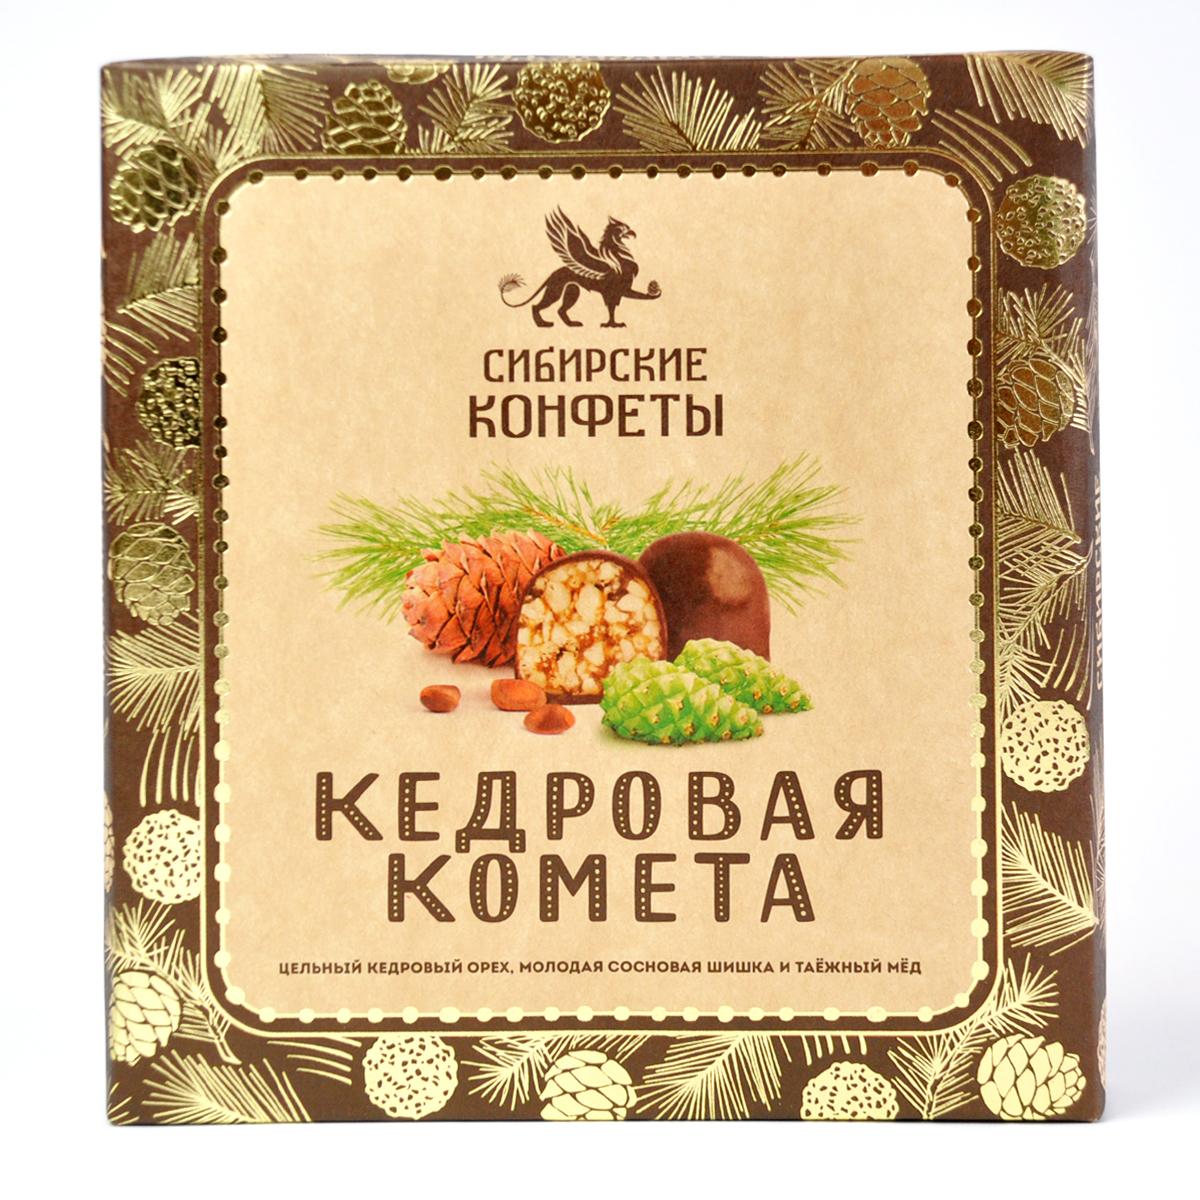 Конфеты Кедровая комета с сосновой шишкой Сибирский Кедр 120 гр